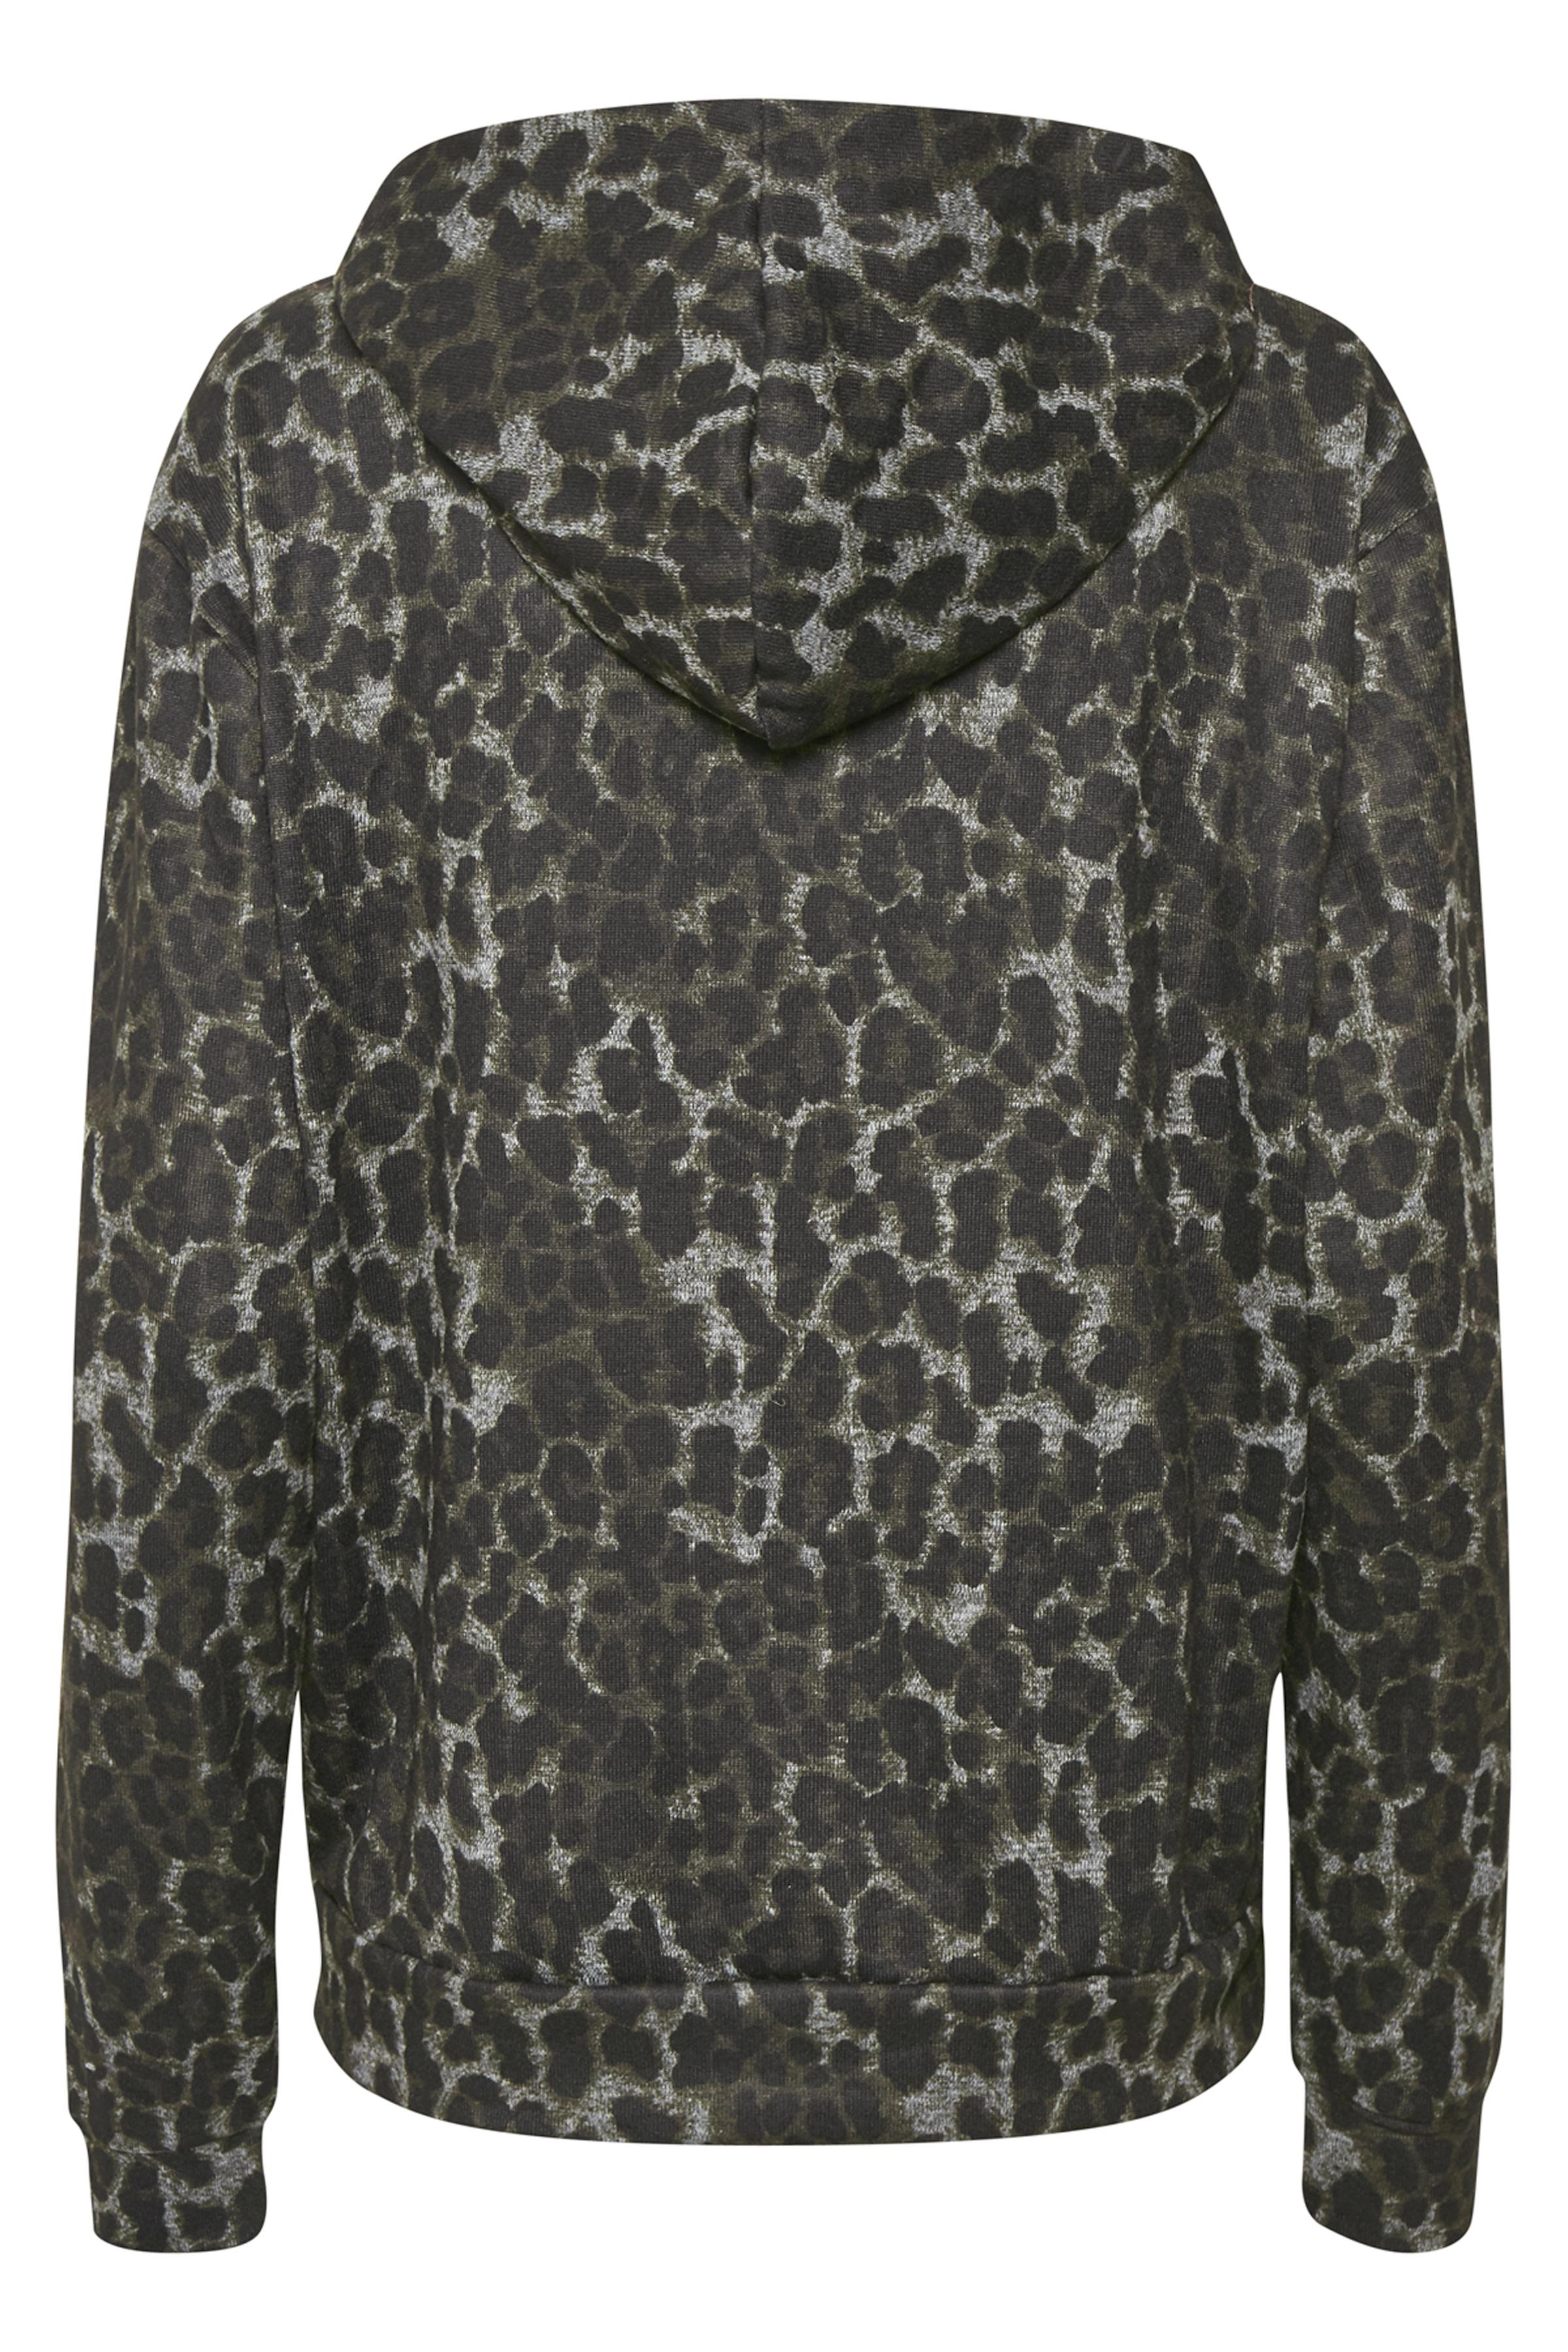 Mörk gråmelerad/svart Sweatshirt från Kaffe – Köp Mörk gråmelerad/svart Sweatshirt från stl. XS-XXL här